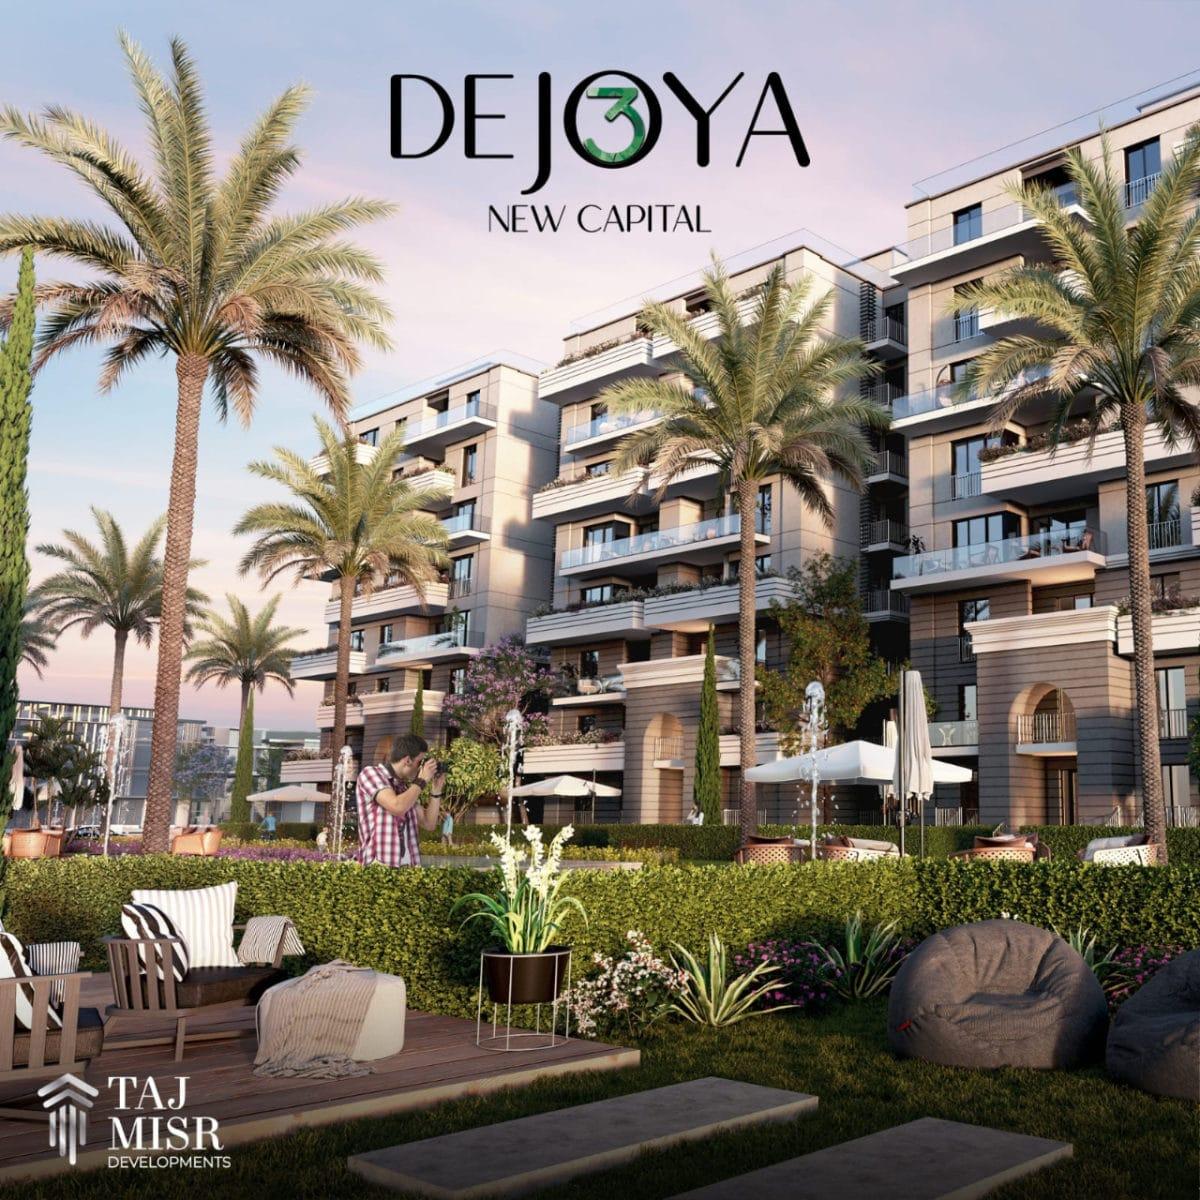 كمبوند ديجويا 3 العاصمة الإدارية الجديدة Dejoya 3 New Capital